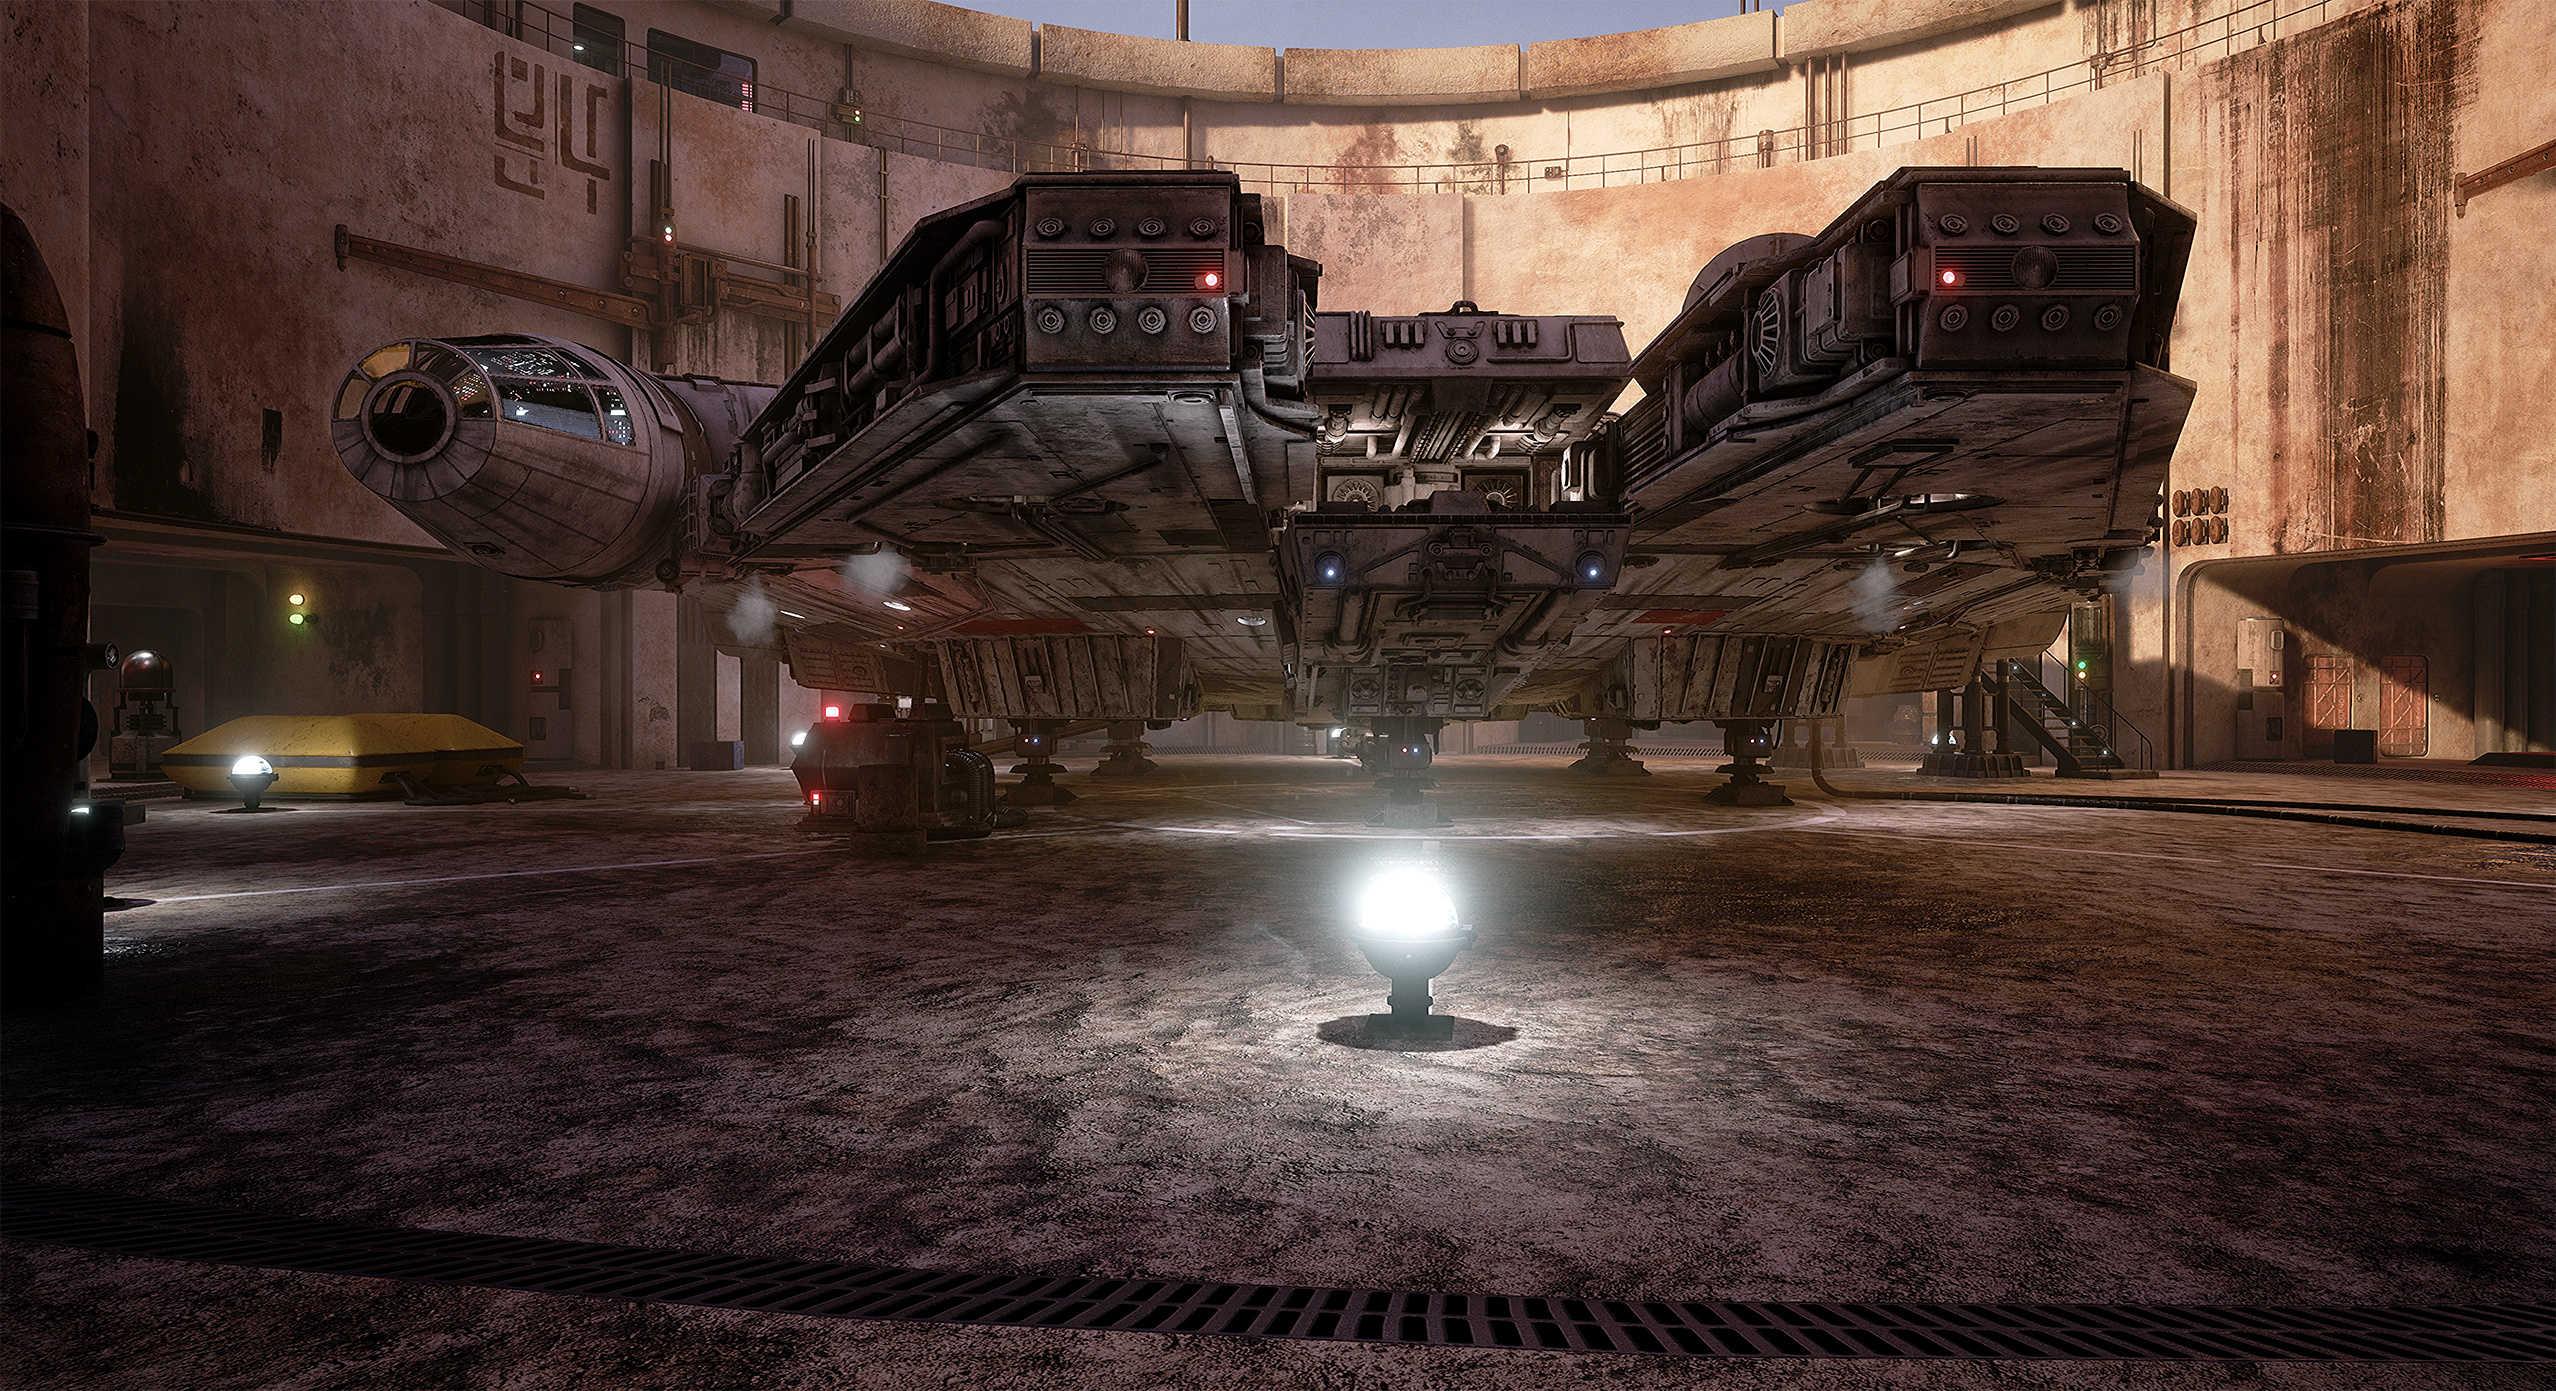 Vývojáři z Obsidianu vytvořili překrásnou Star Wars scenérii v enginu Unreal 4 130538